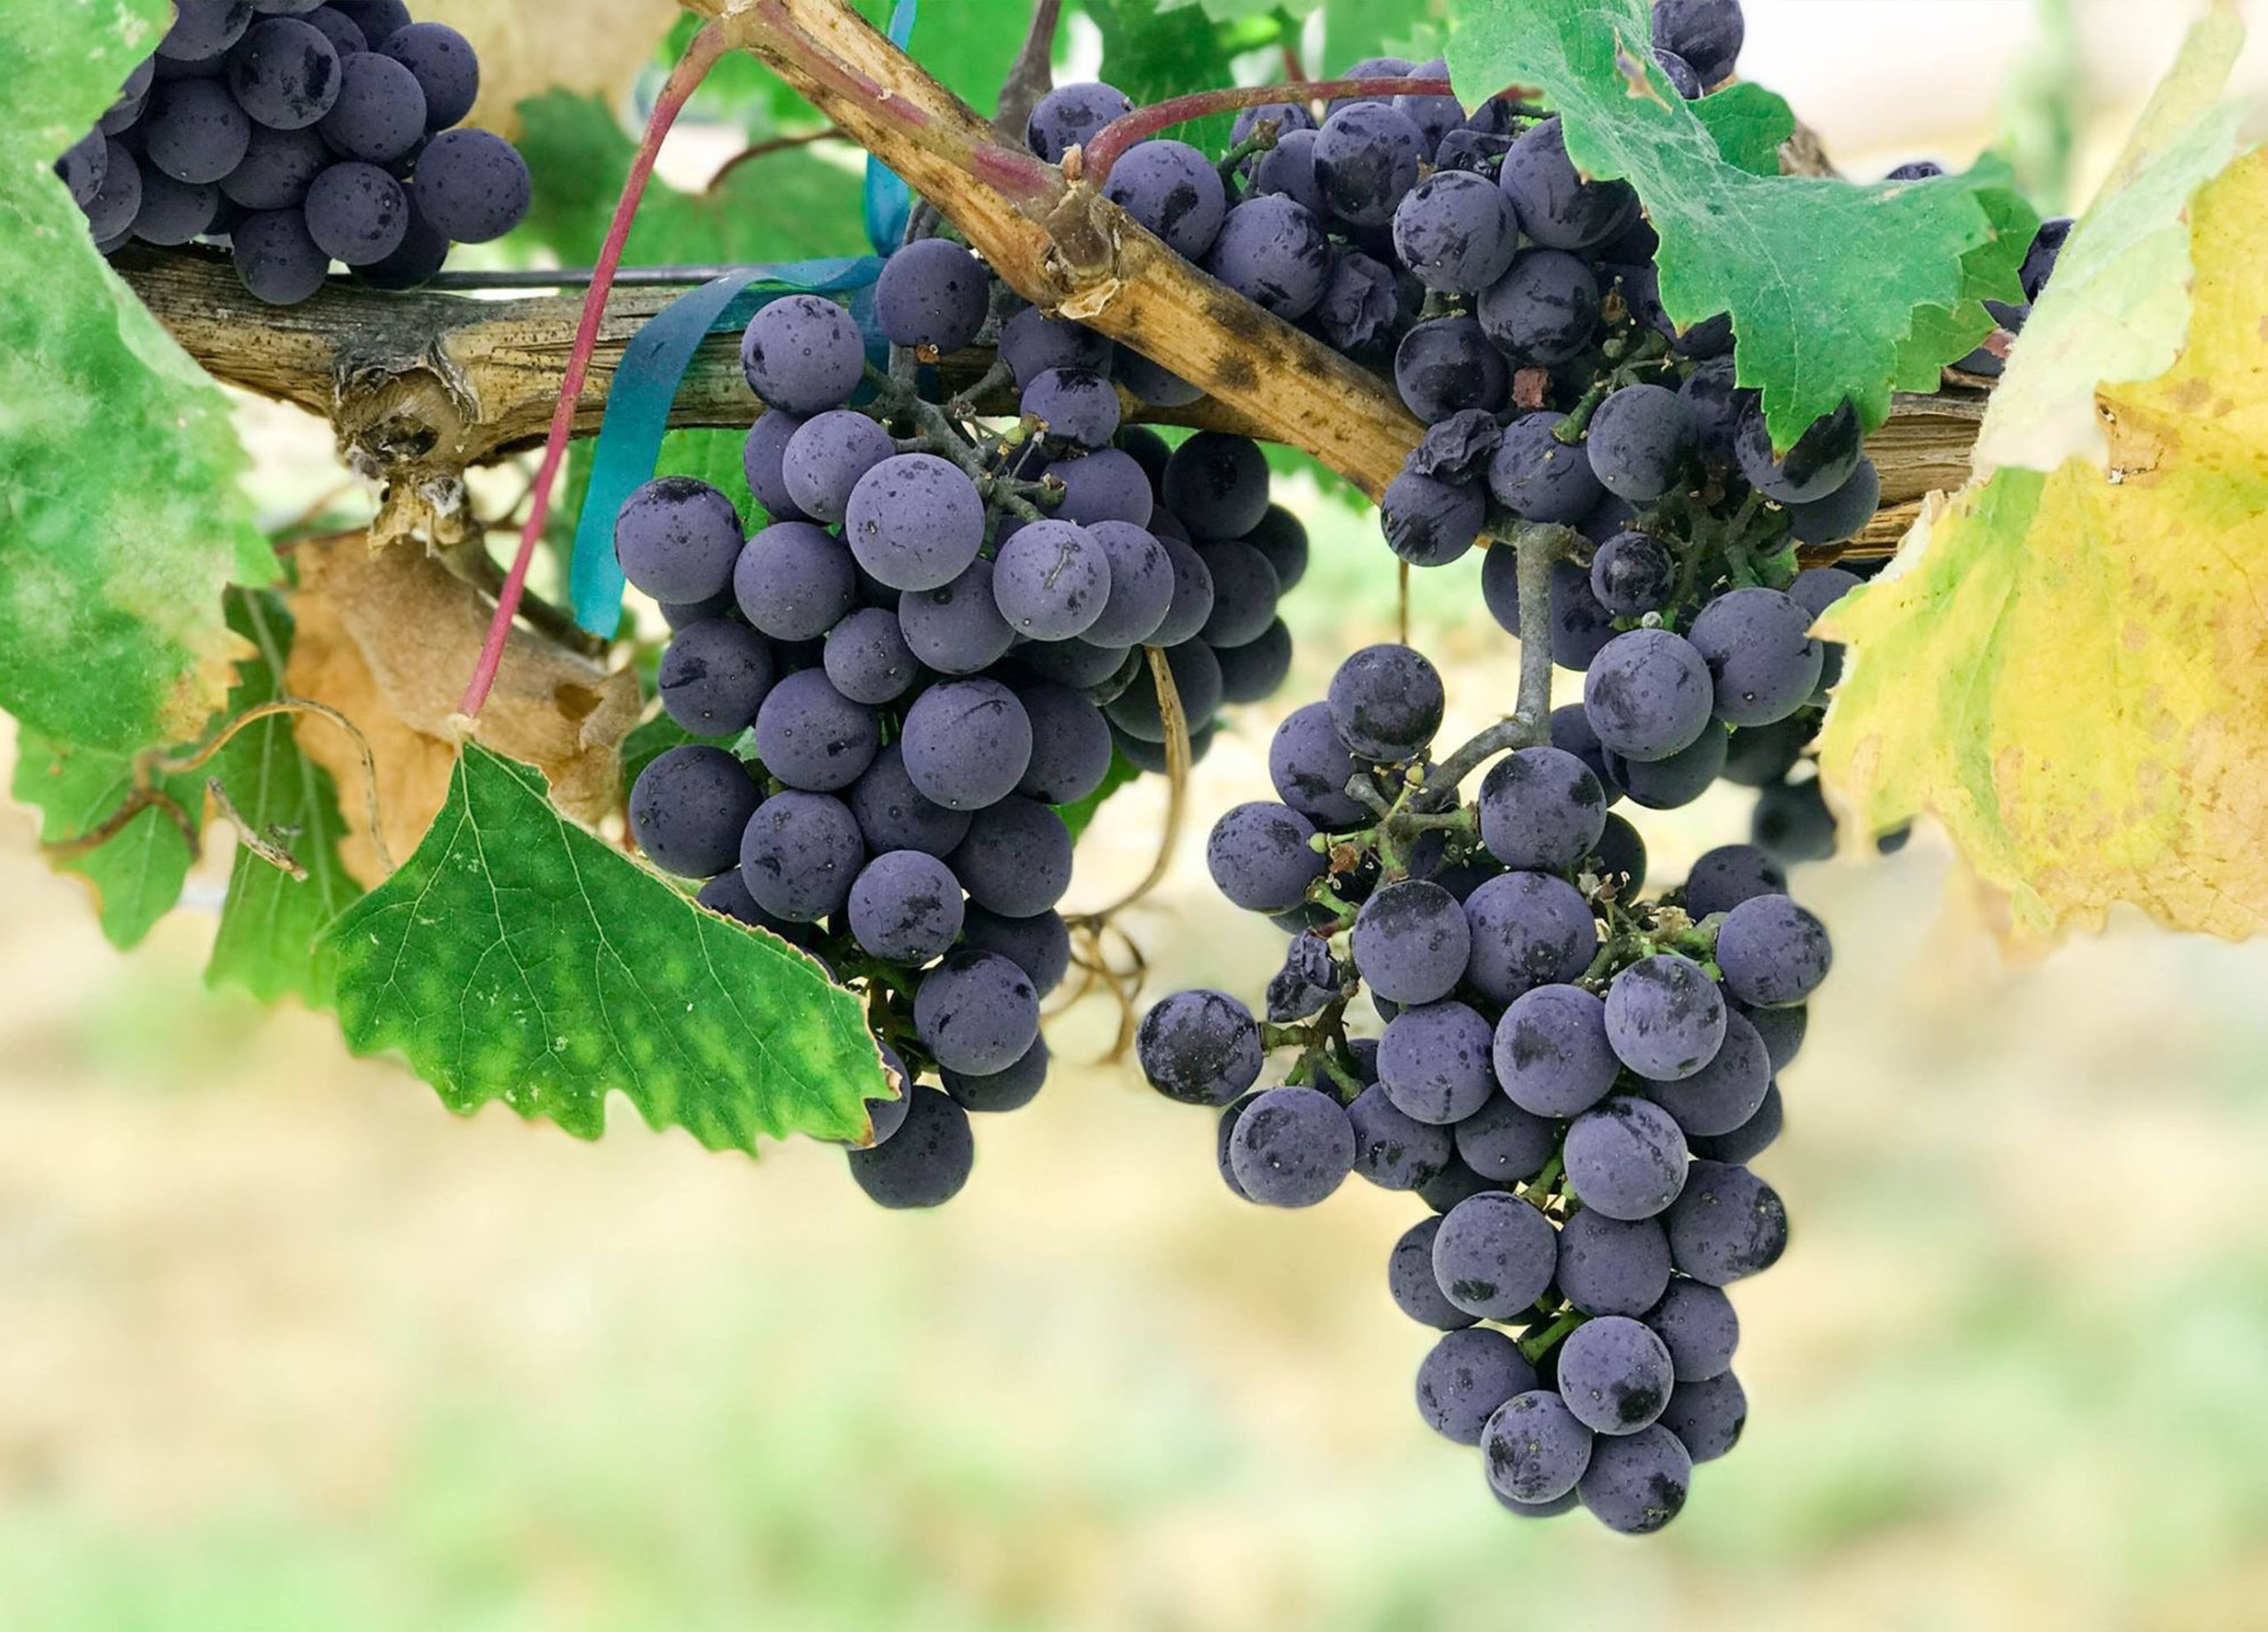 Gros plan sur une vigne avec plusieurs grappes de raisin noir utilisées pour la fabrication des vins italiens